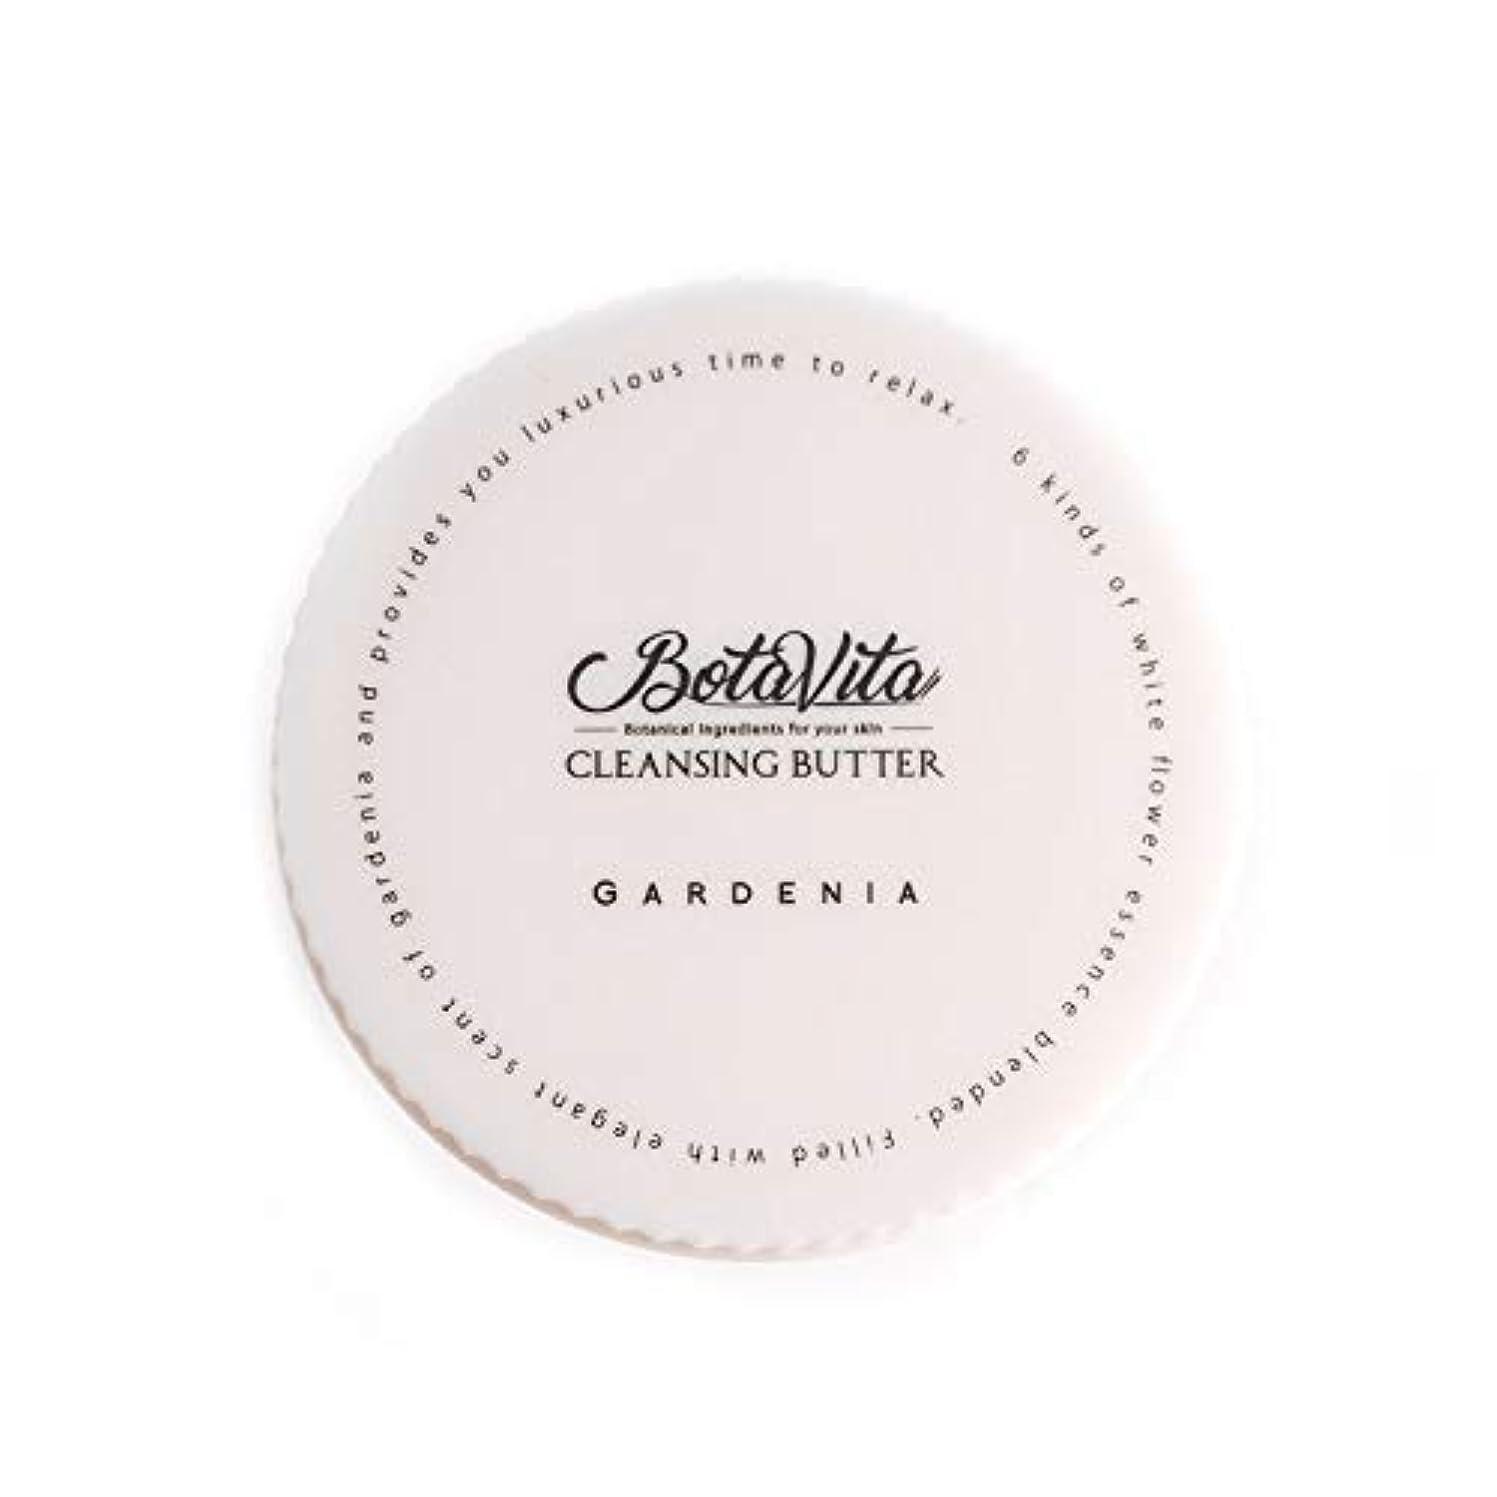 普通の研磨剤エトナ山BotaVita ボタヴィータ クレンジングバター <ガーデニア> 80g ダブル洗顔不要 マツエク対応 保湿ケア 毛穴汚れオフ